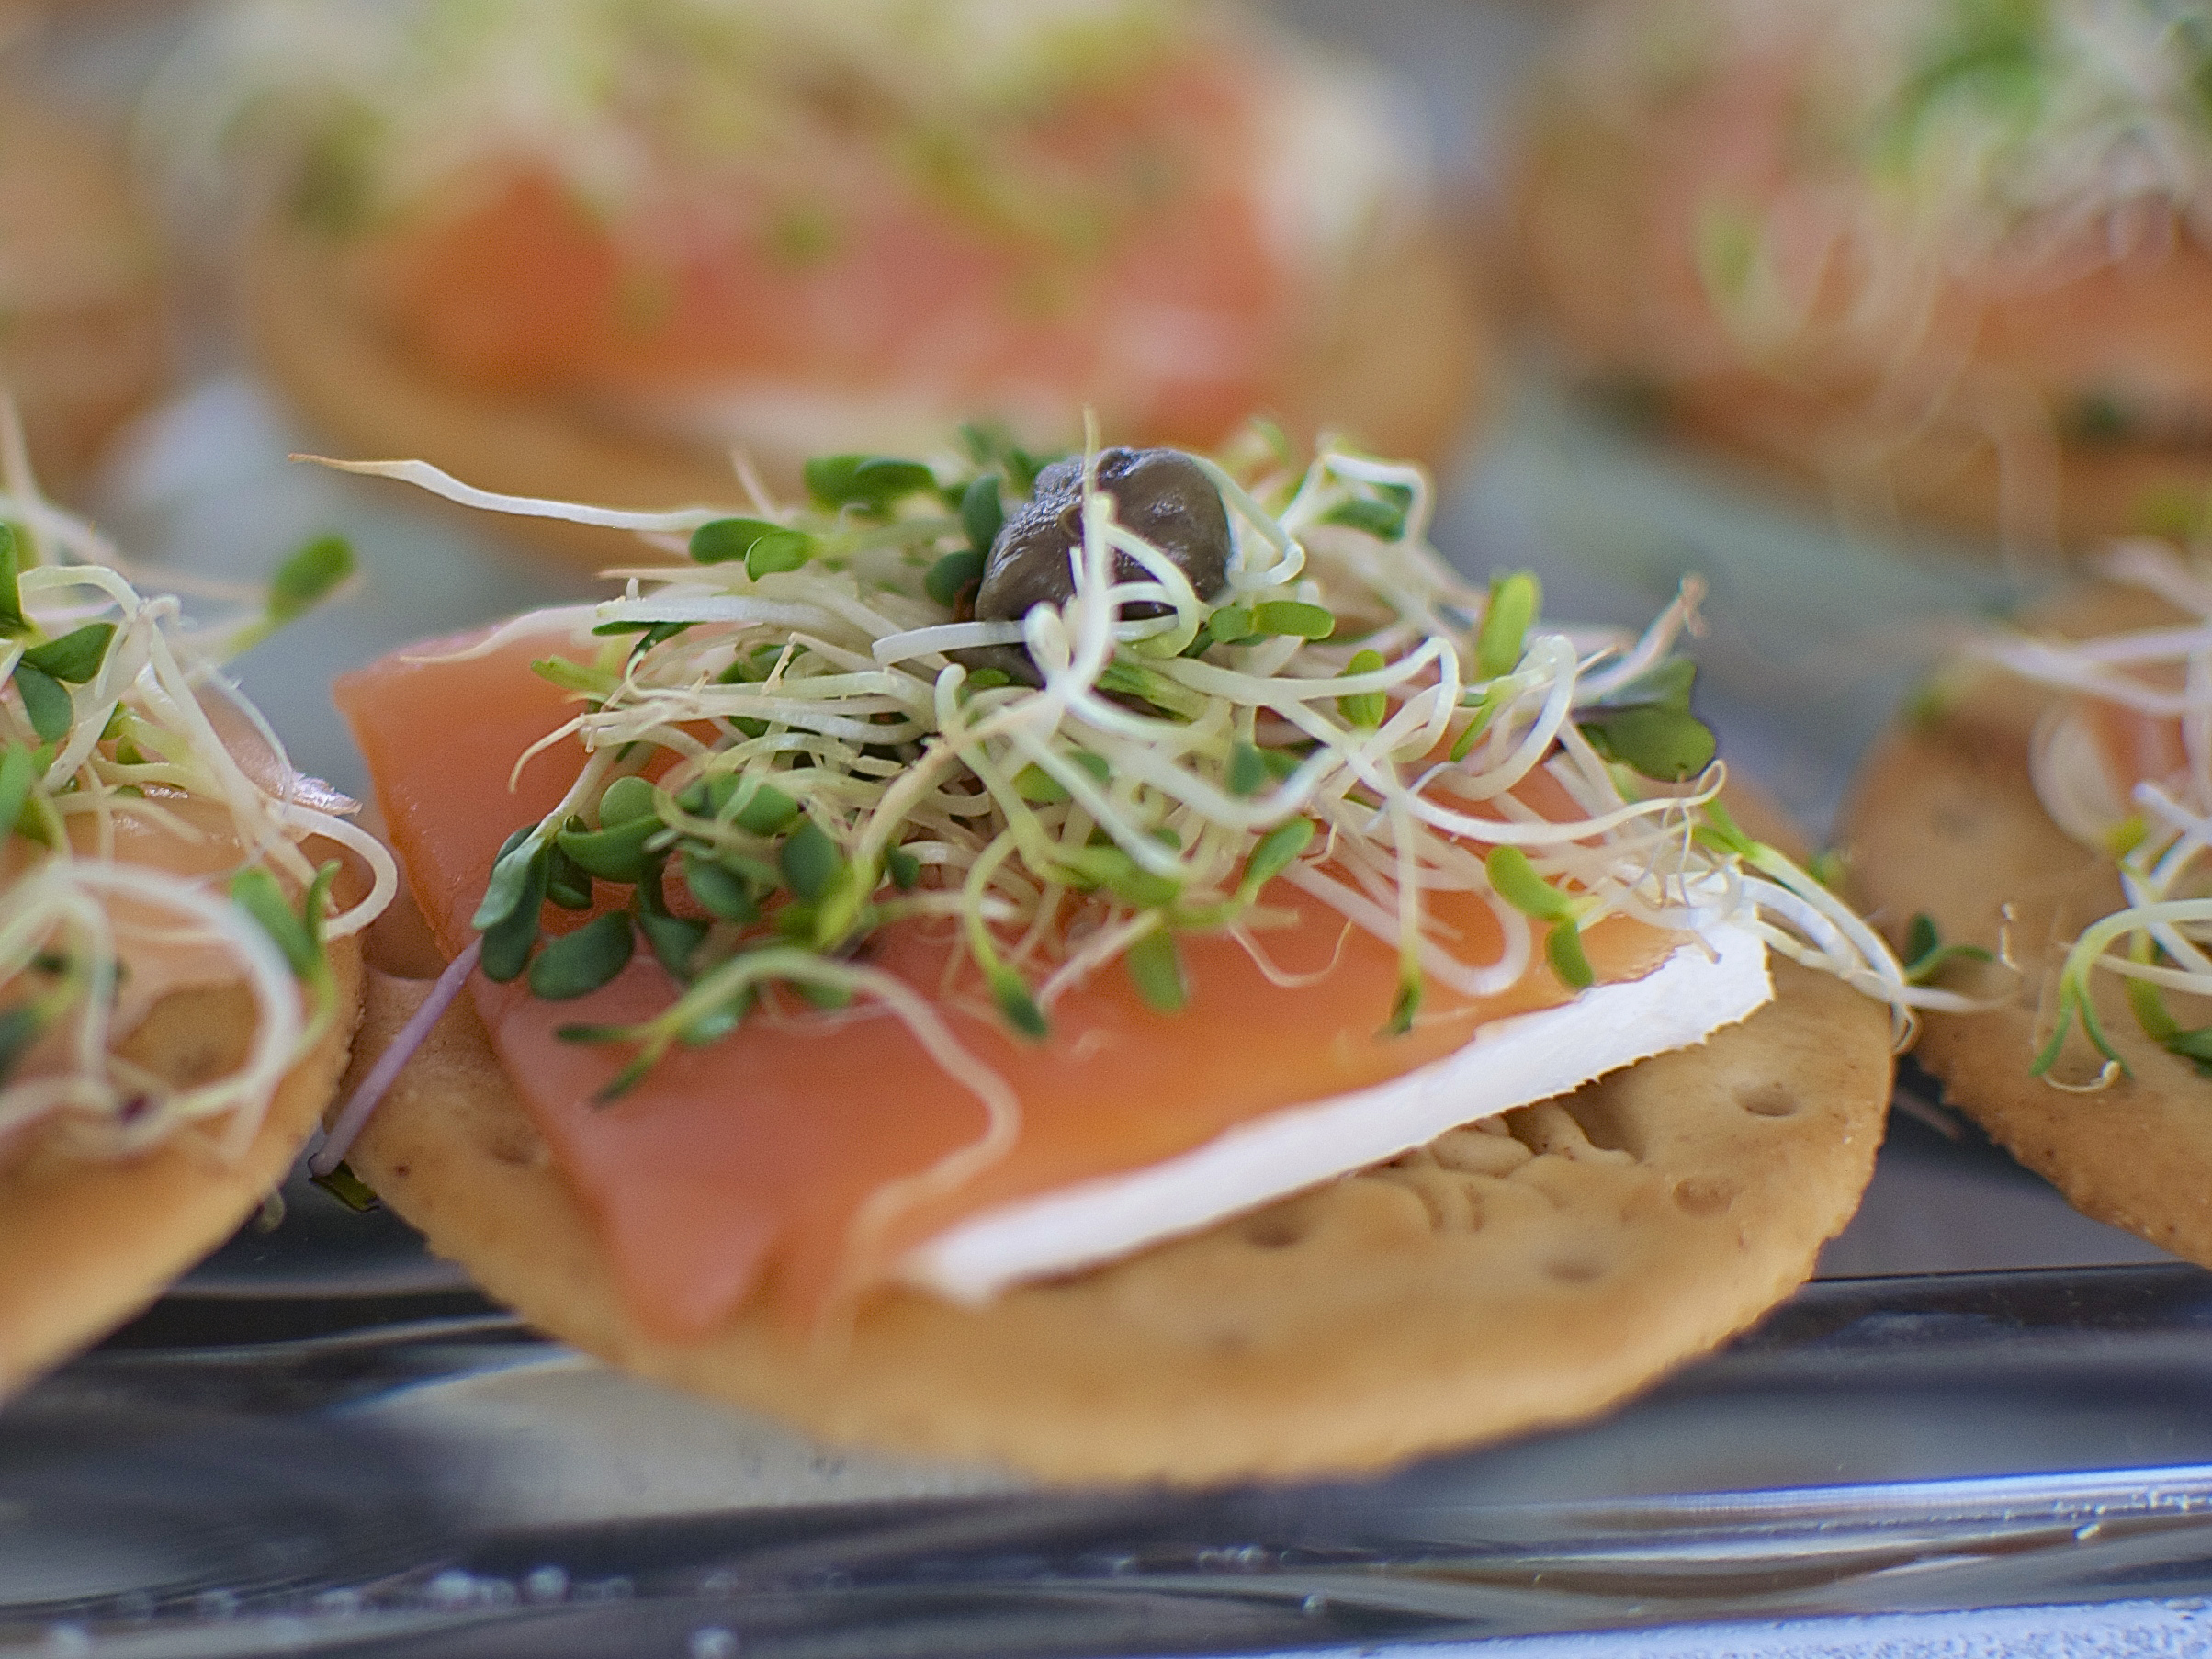 Galletita con Salmón Ahumado  Galletita con queso crema, salmón ahumado y alcaparra. (MÍNIMO 25 PIEZAS) Precio por pieza  $ 14.00